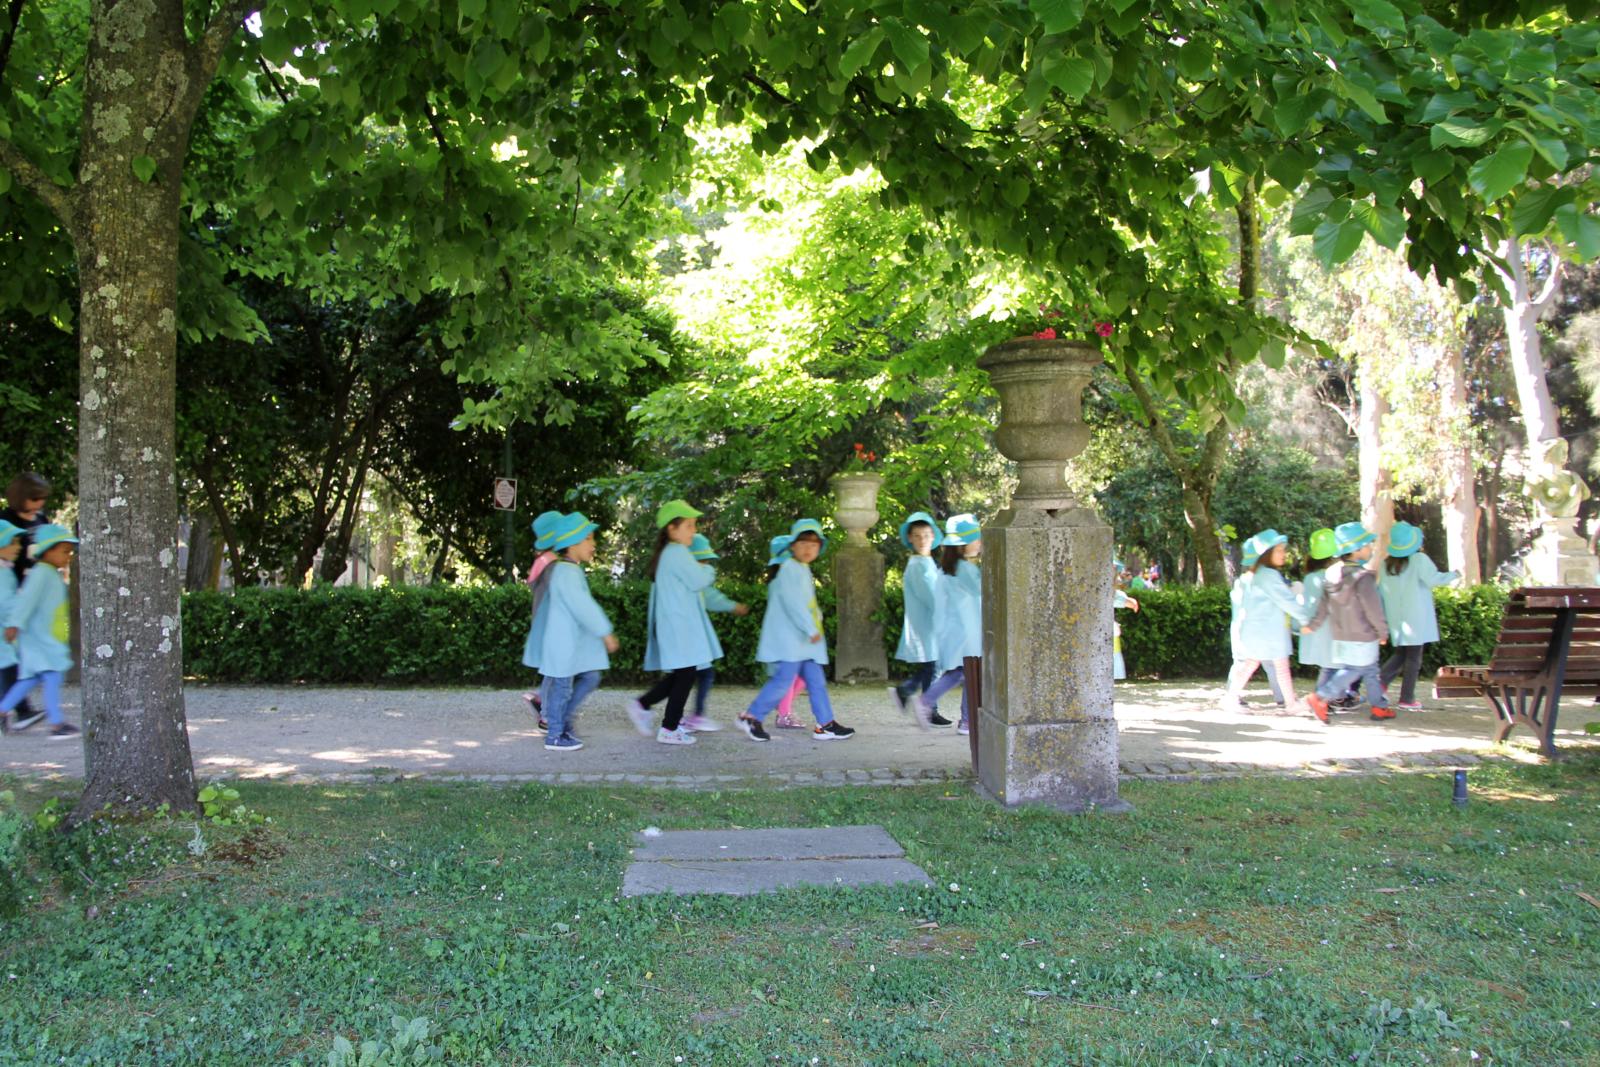 Crianças a passear no jardim